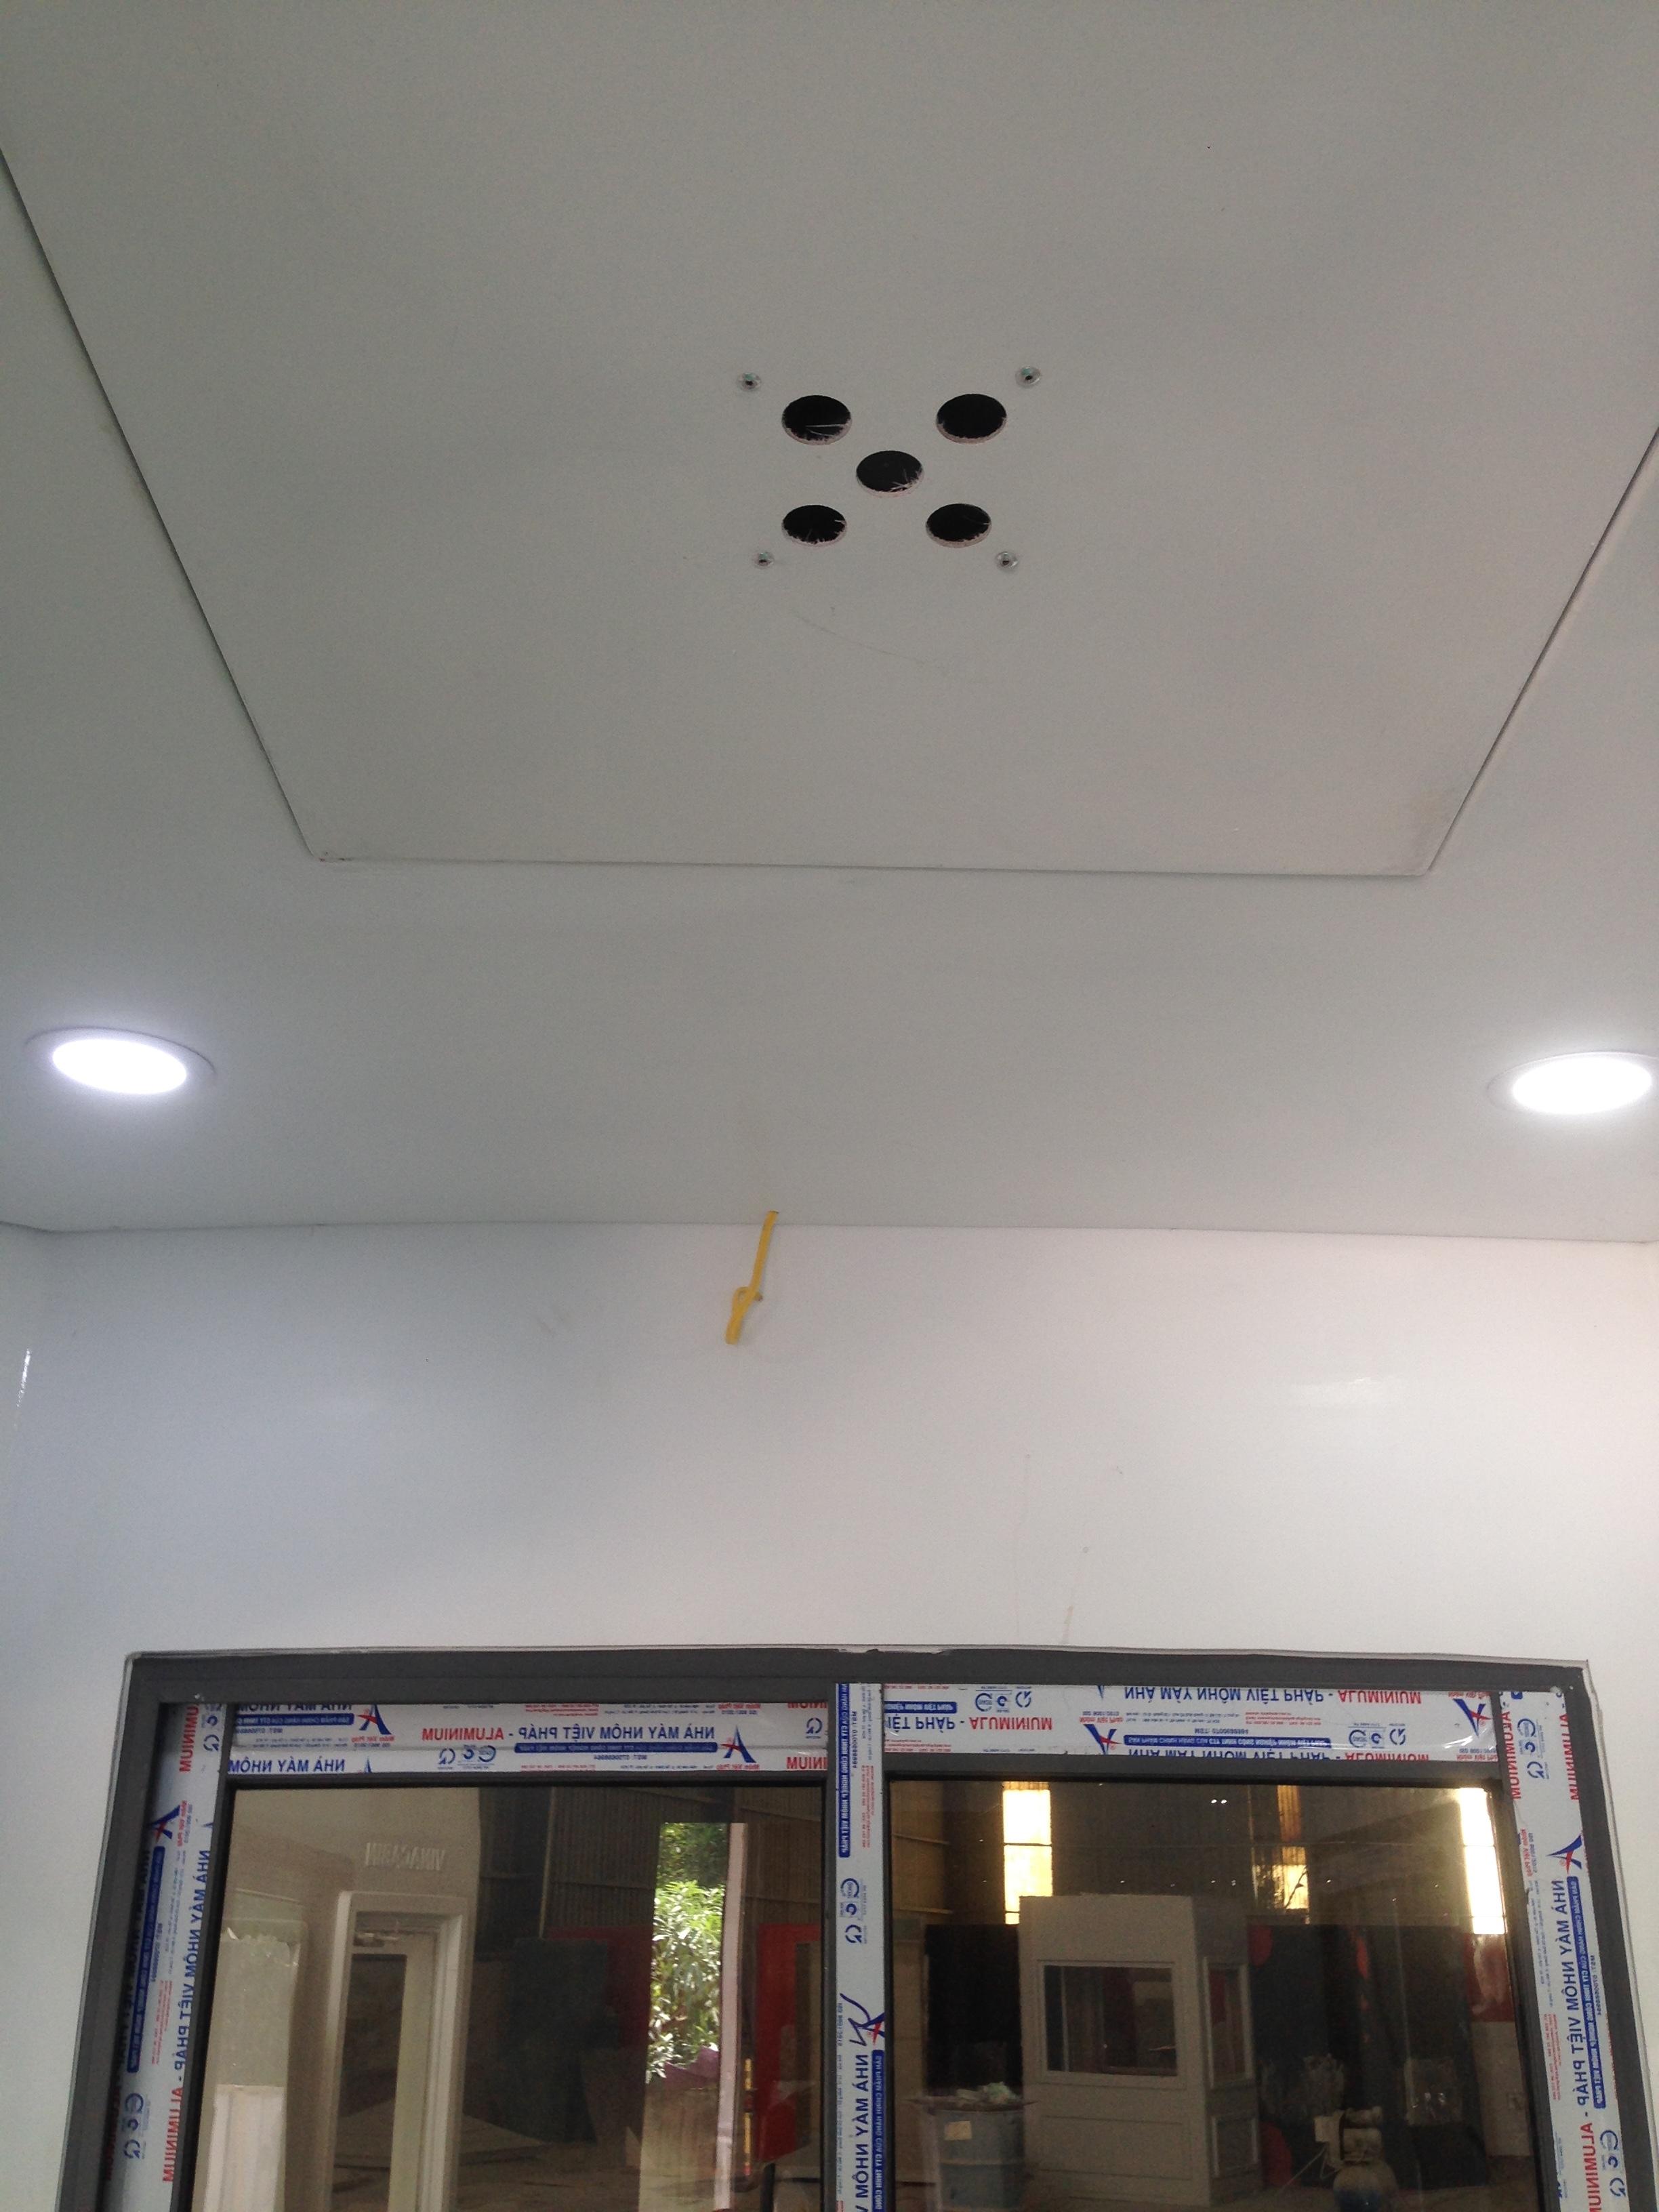 Bêb cạnh đèn ngoài thì hệ thống chiếu sáng bên trong cabin vẫn dùng 4 đèn dowlight